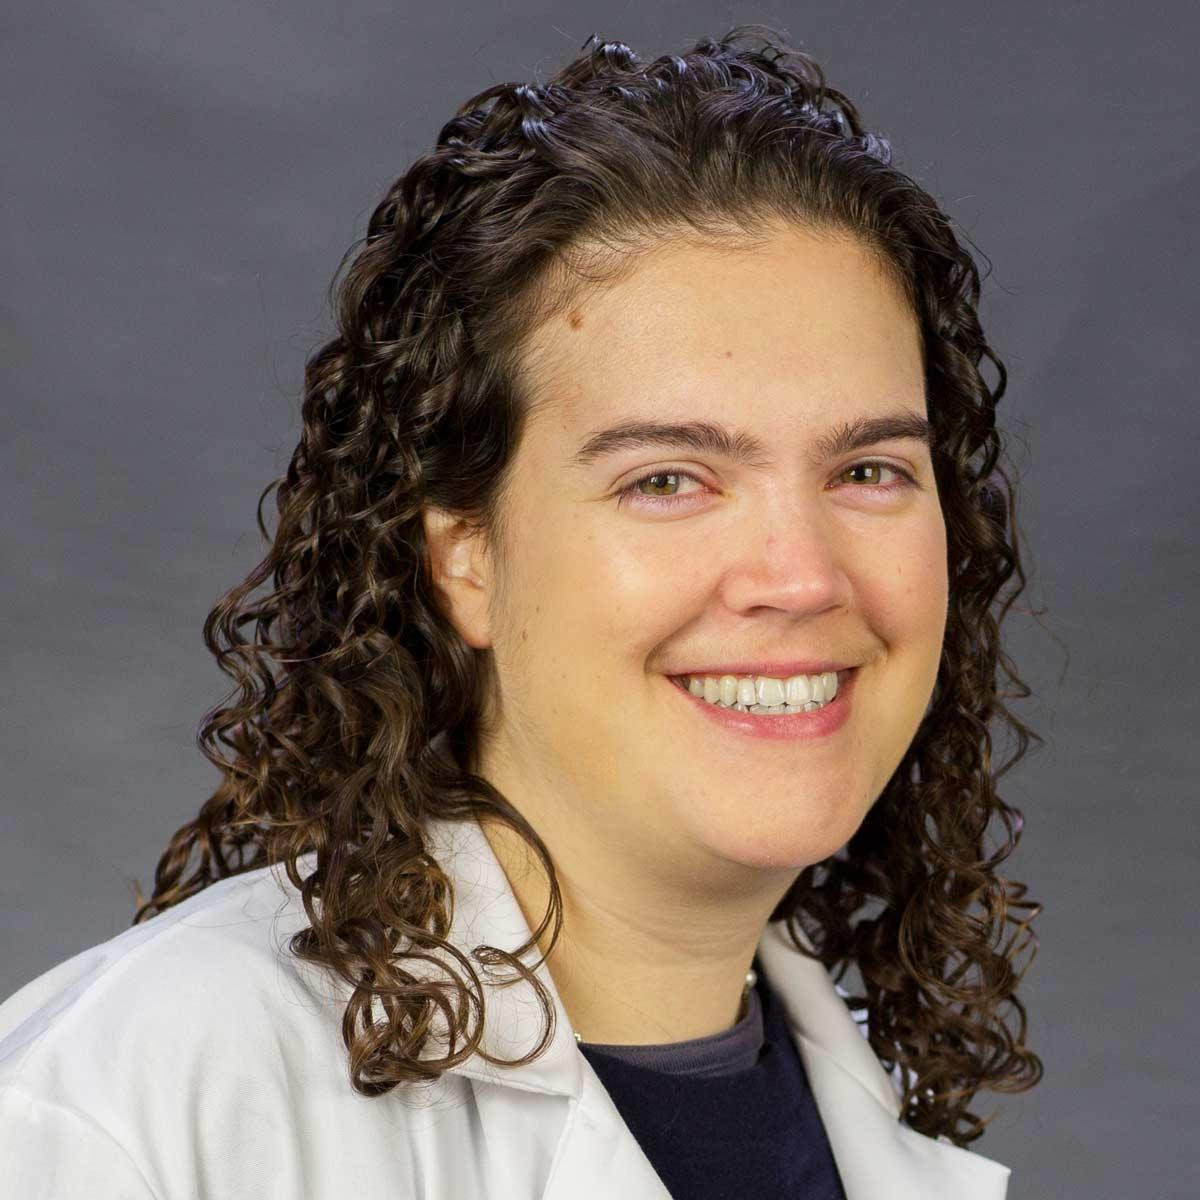 Mia T. Minen | NYU Langone Health